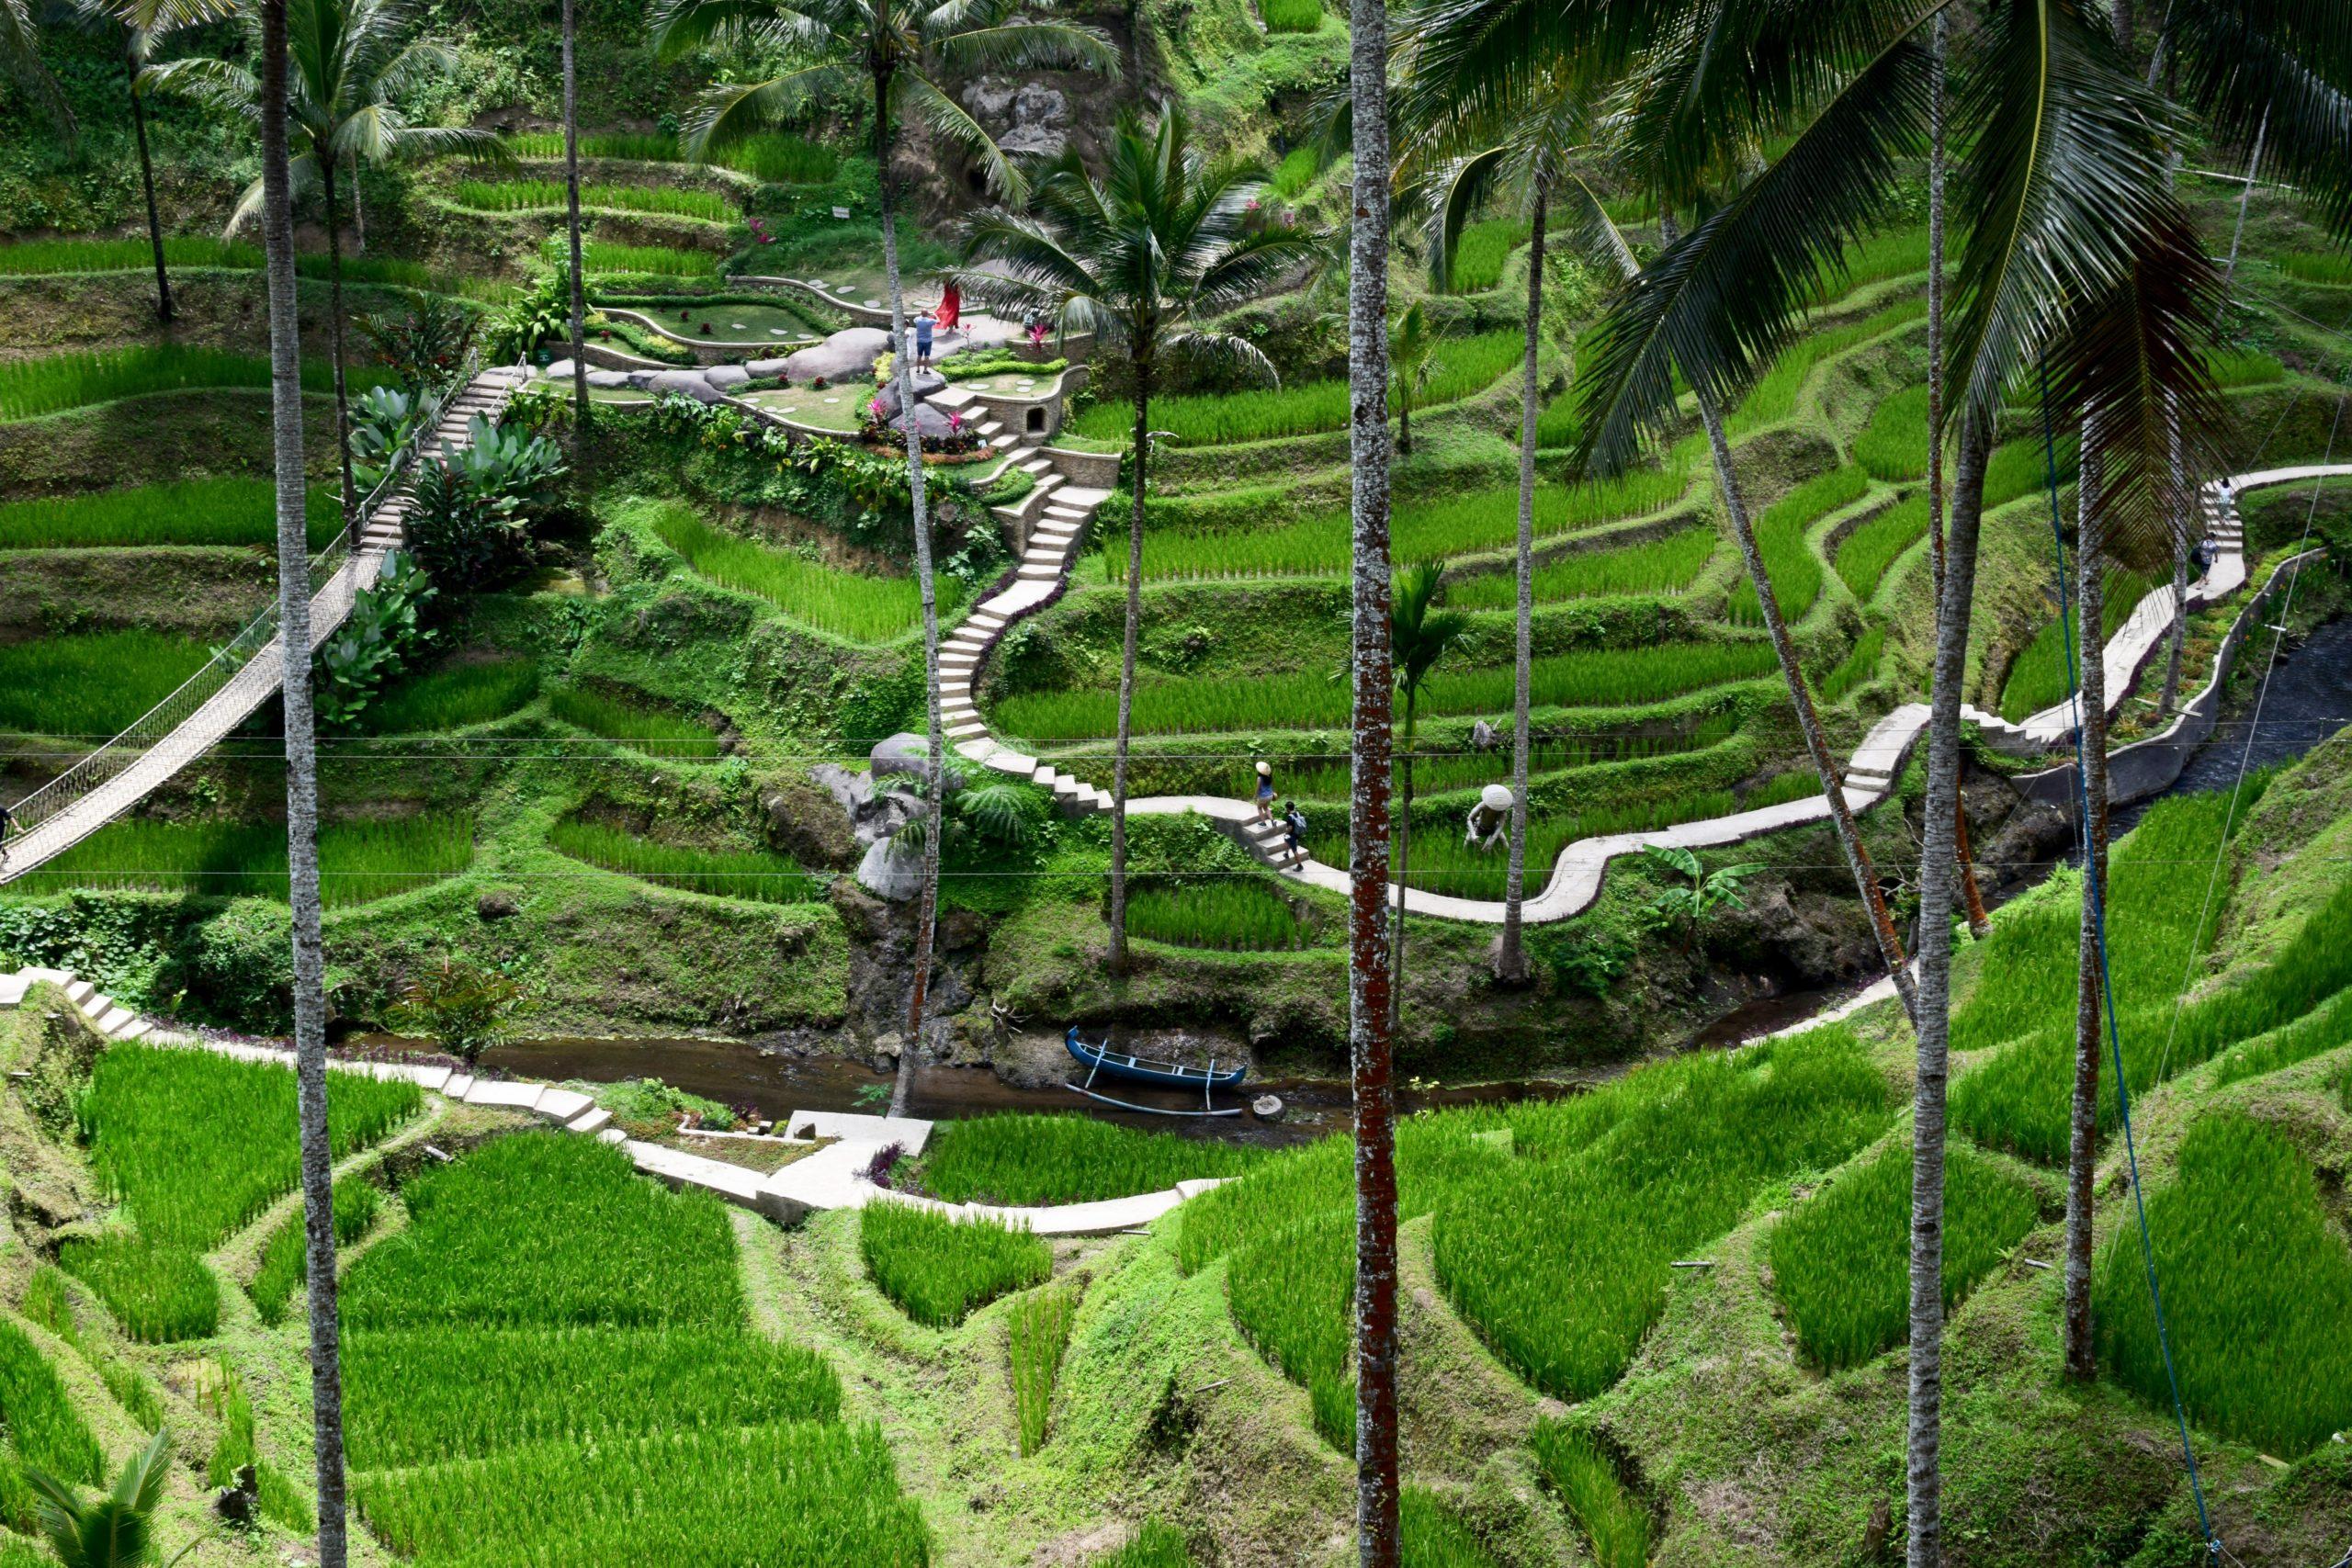 kopi luwak plantation Indonesia